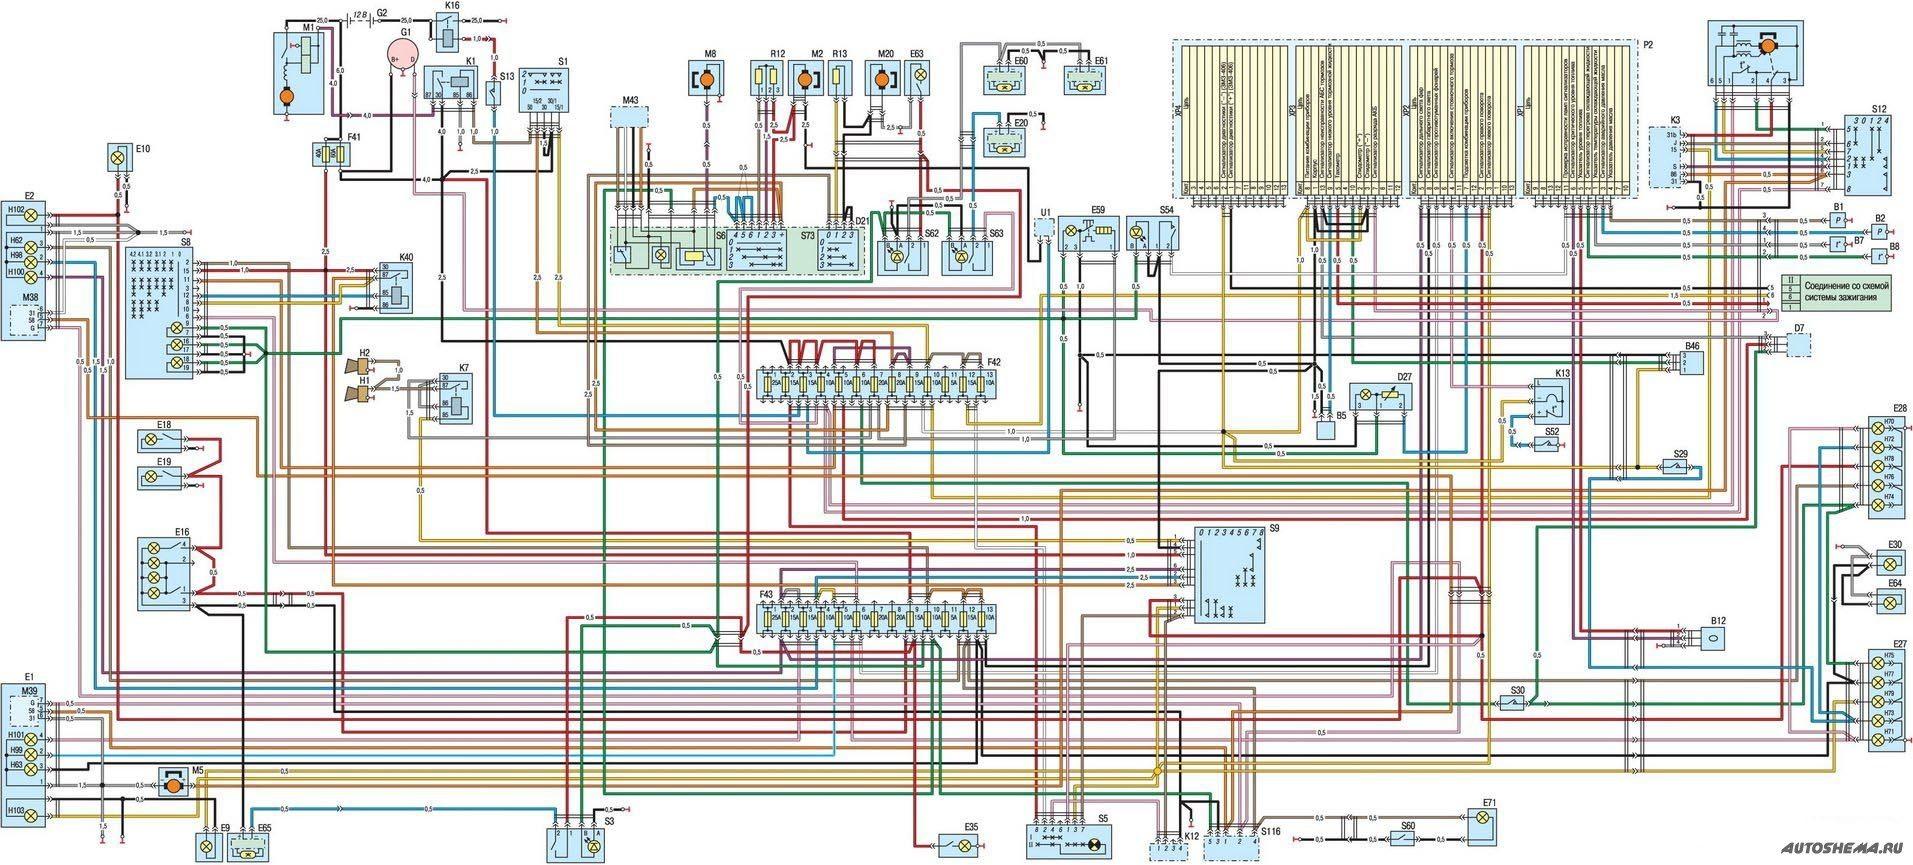 схема электропроводки Газель 406